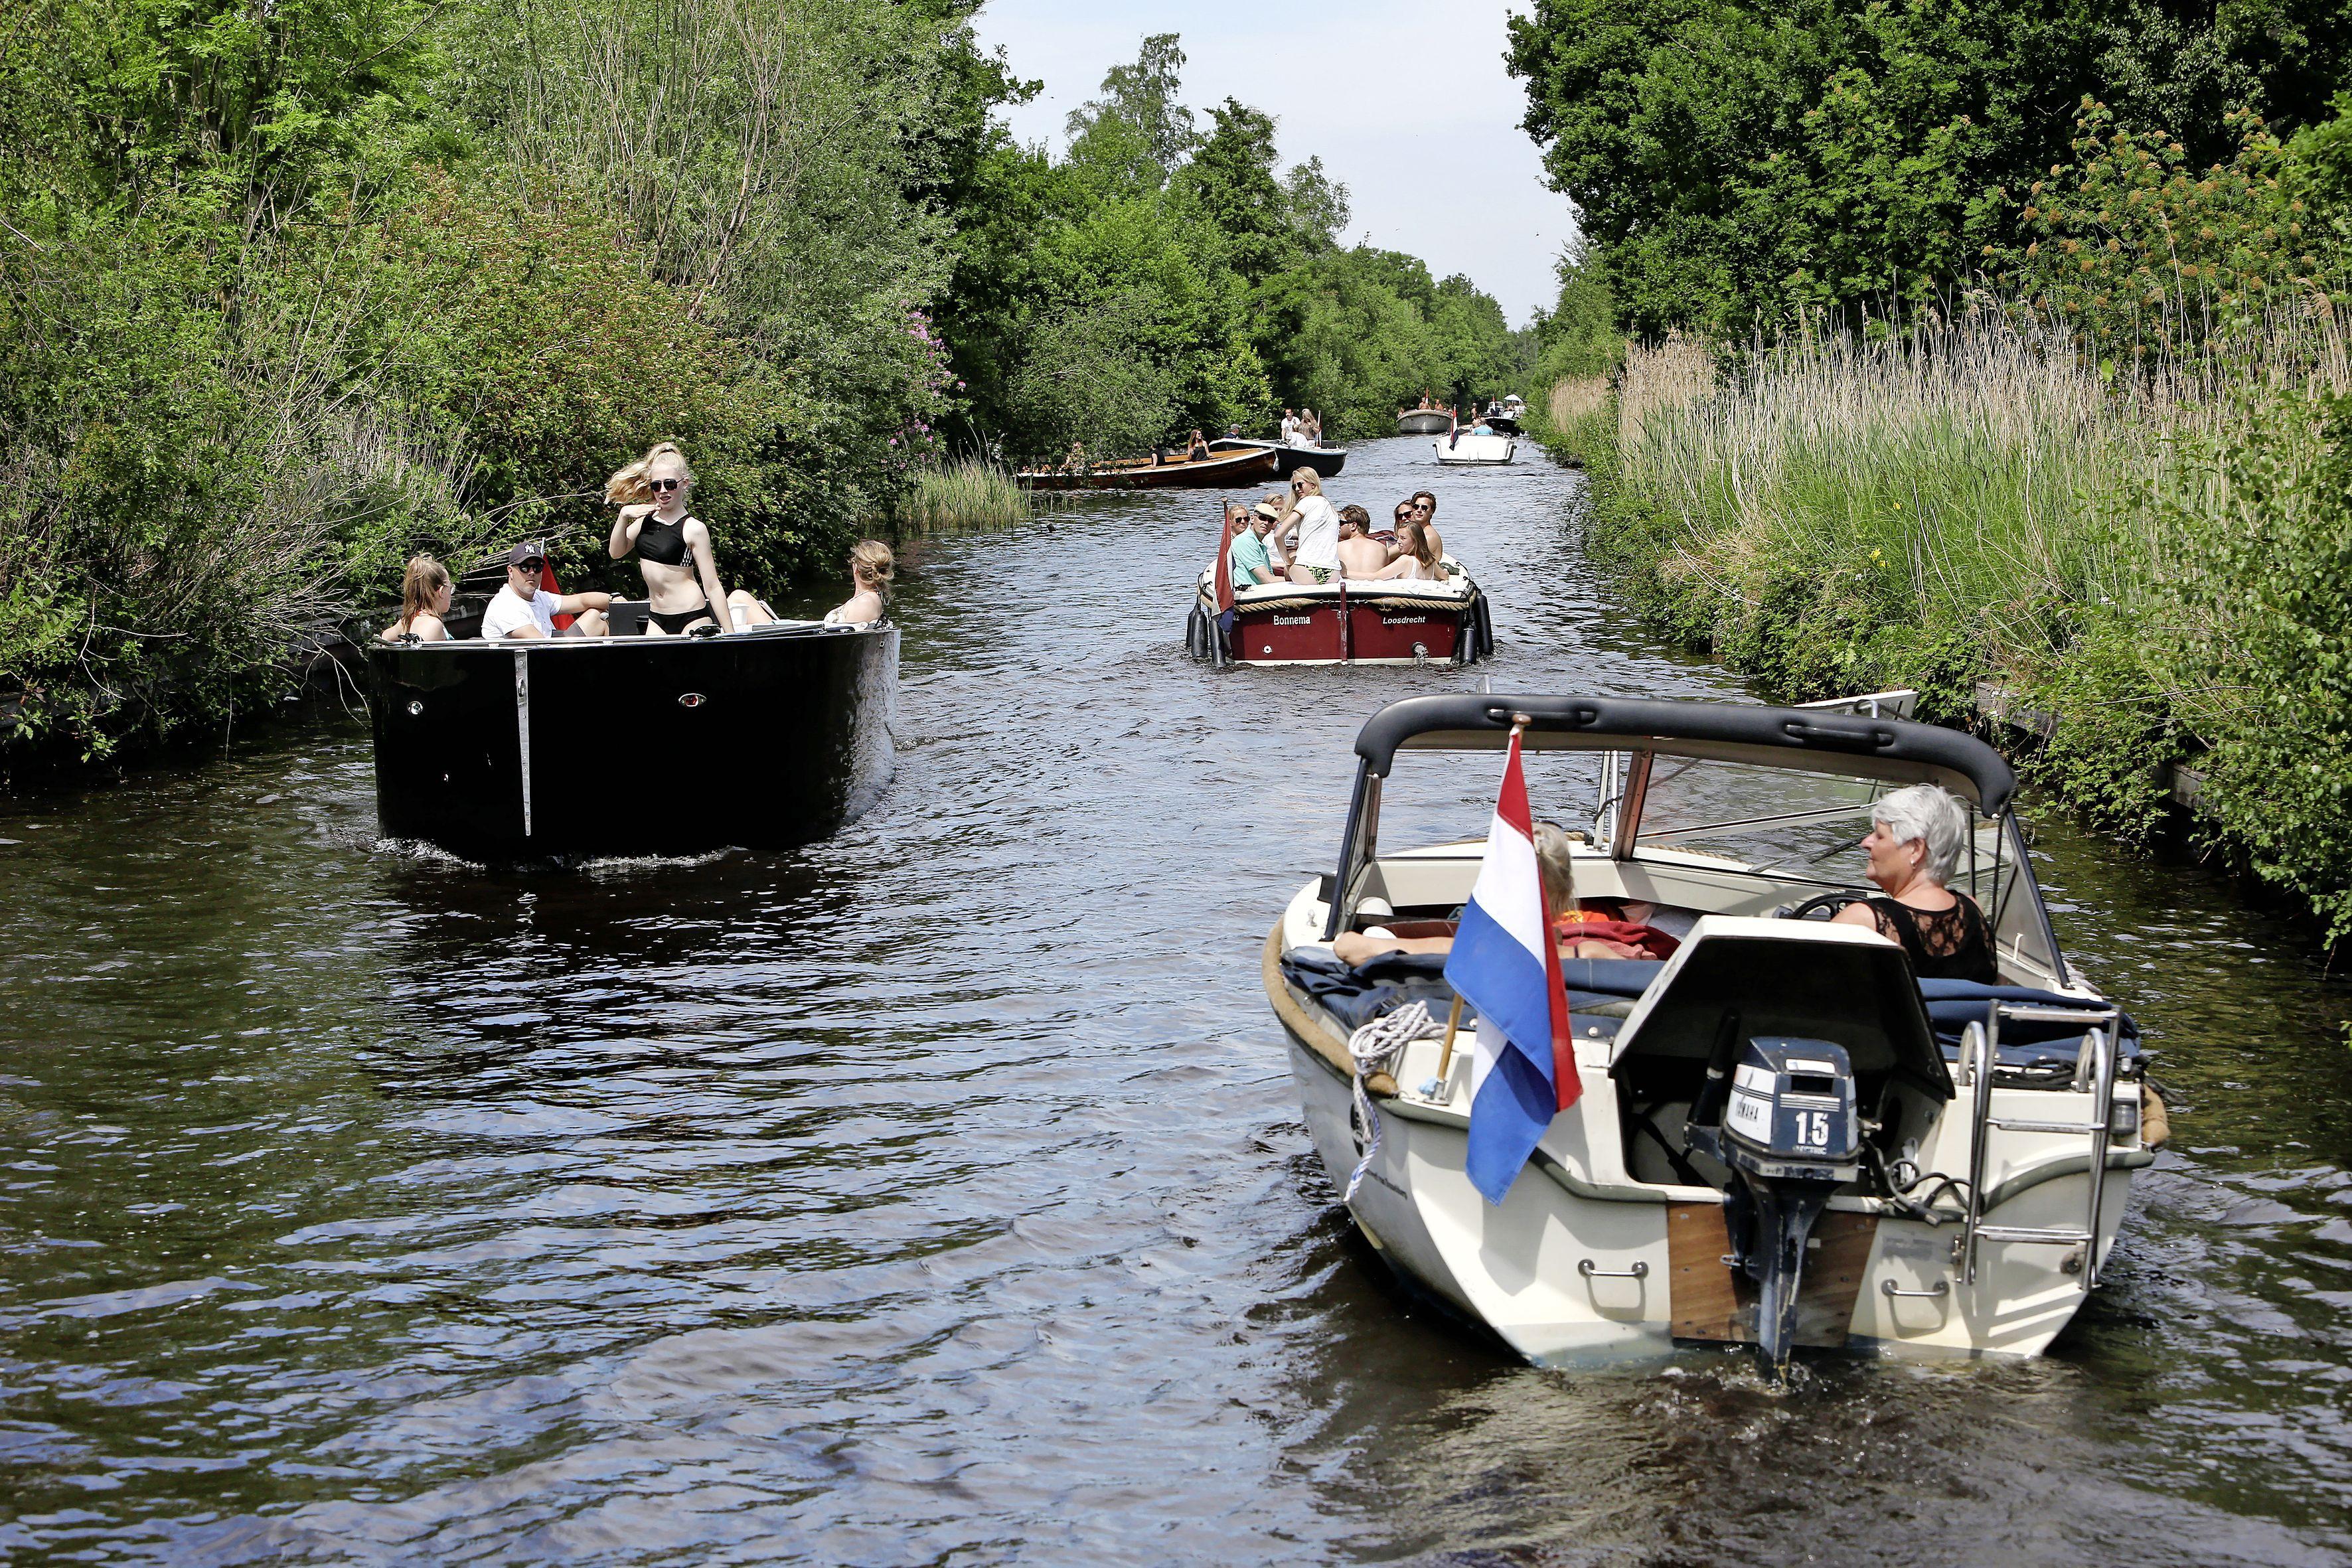 Meer vaaroverlast in Landsmeer, maar er is geen geld om handhaving op te schalen